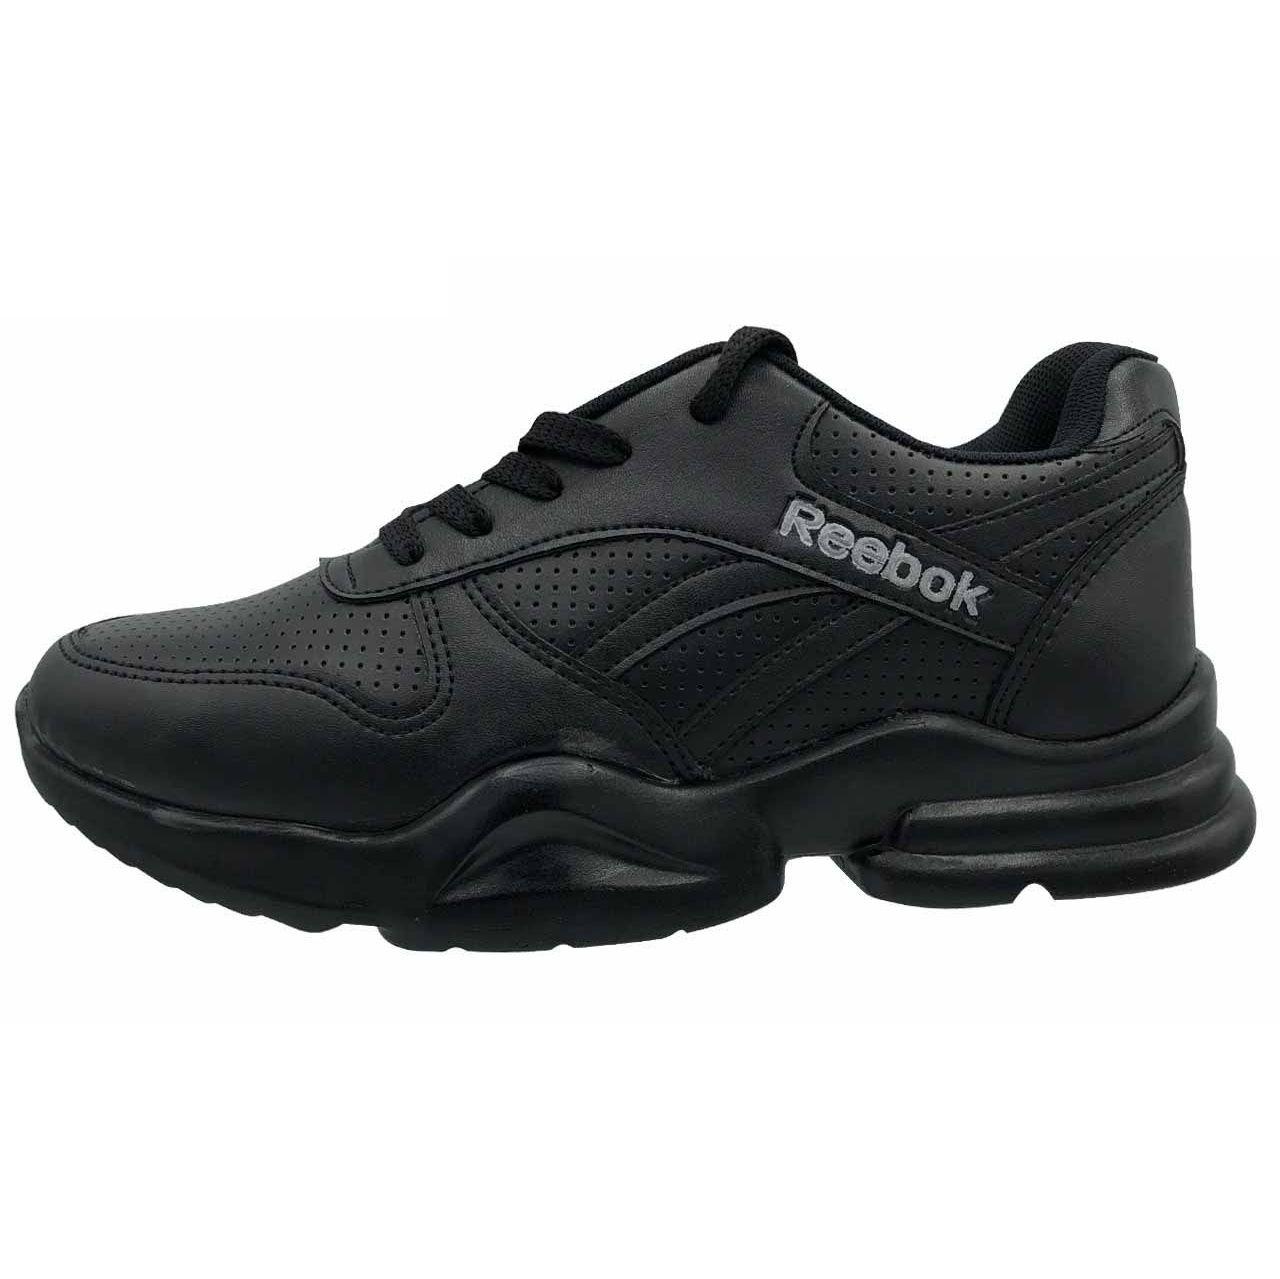 کفش مخصوص پیاده روی زنانه کد 9764 main 1 1